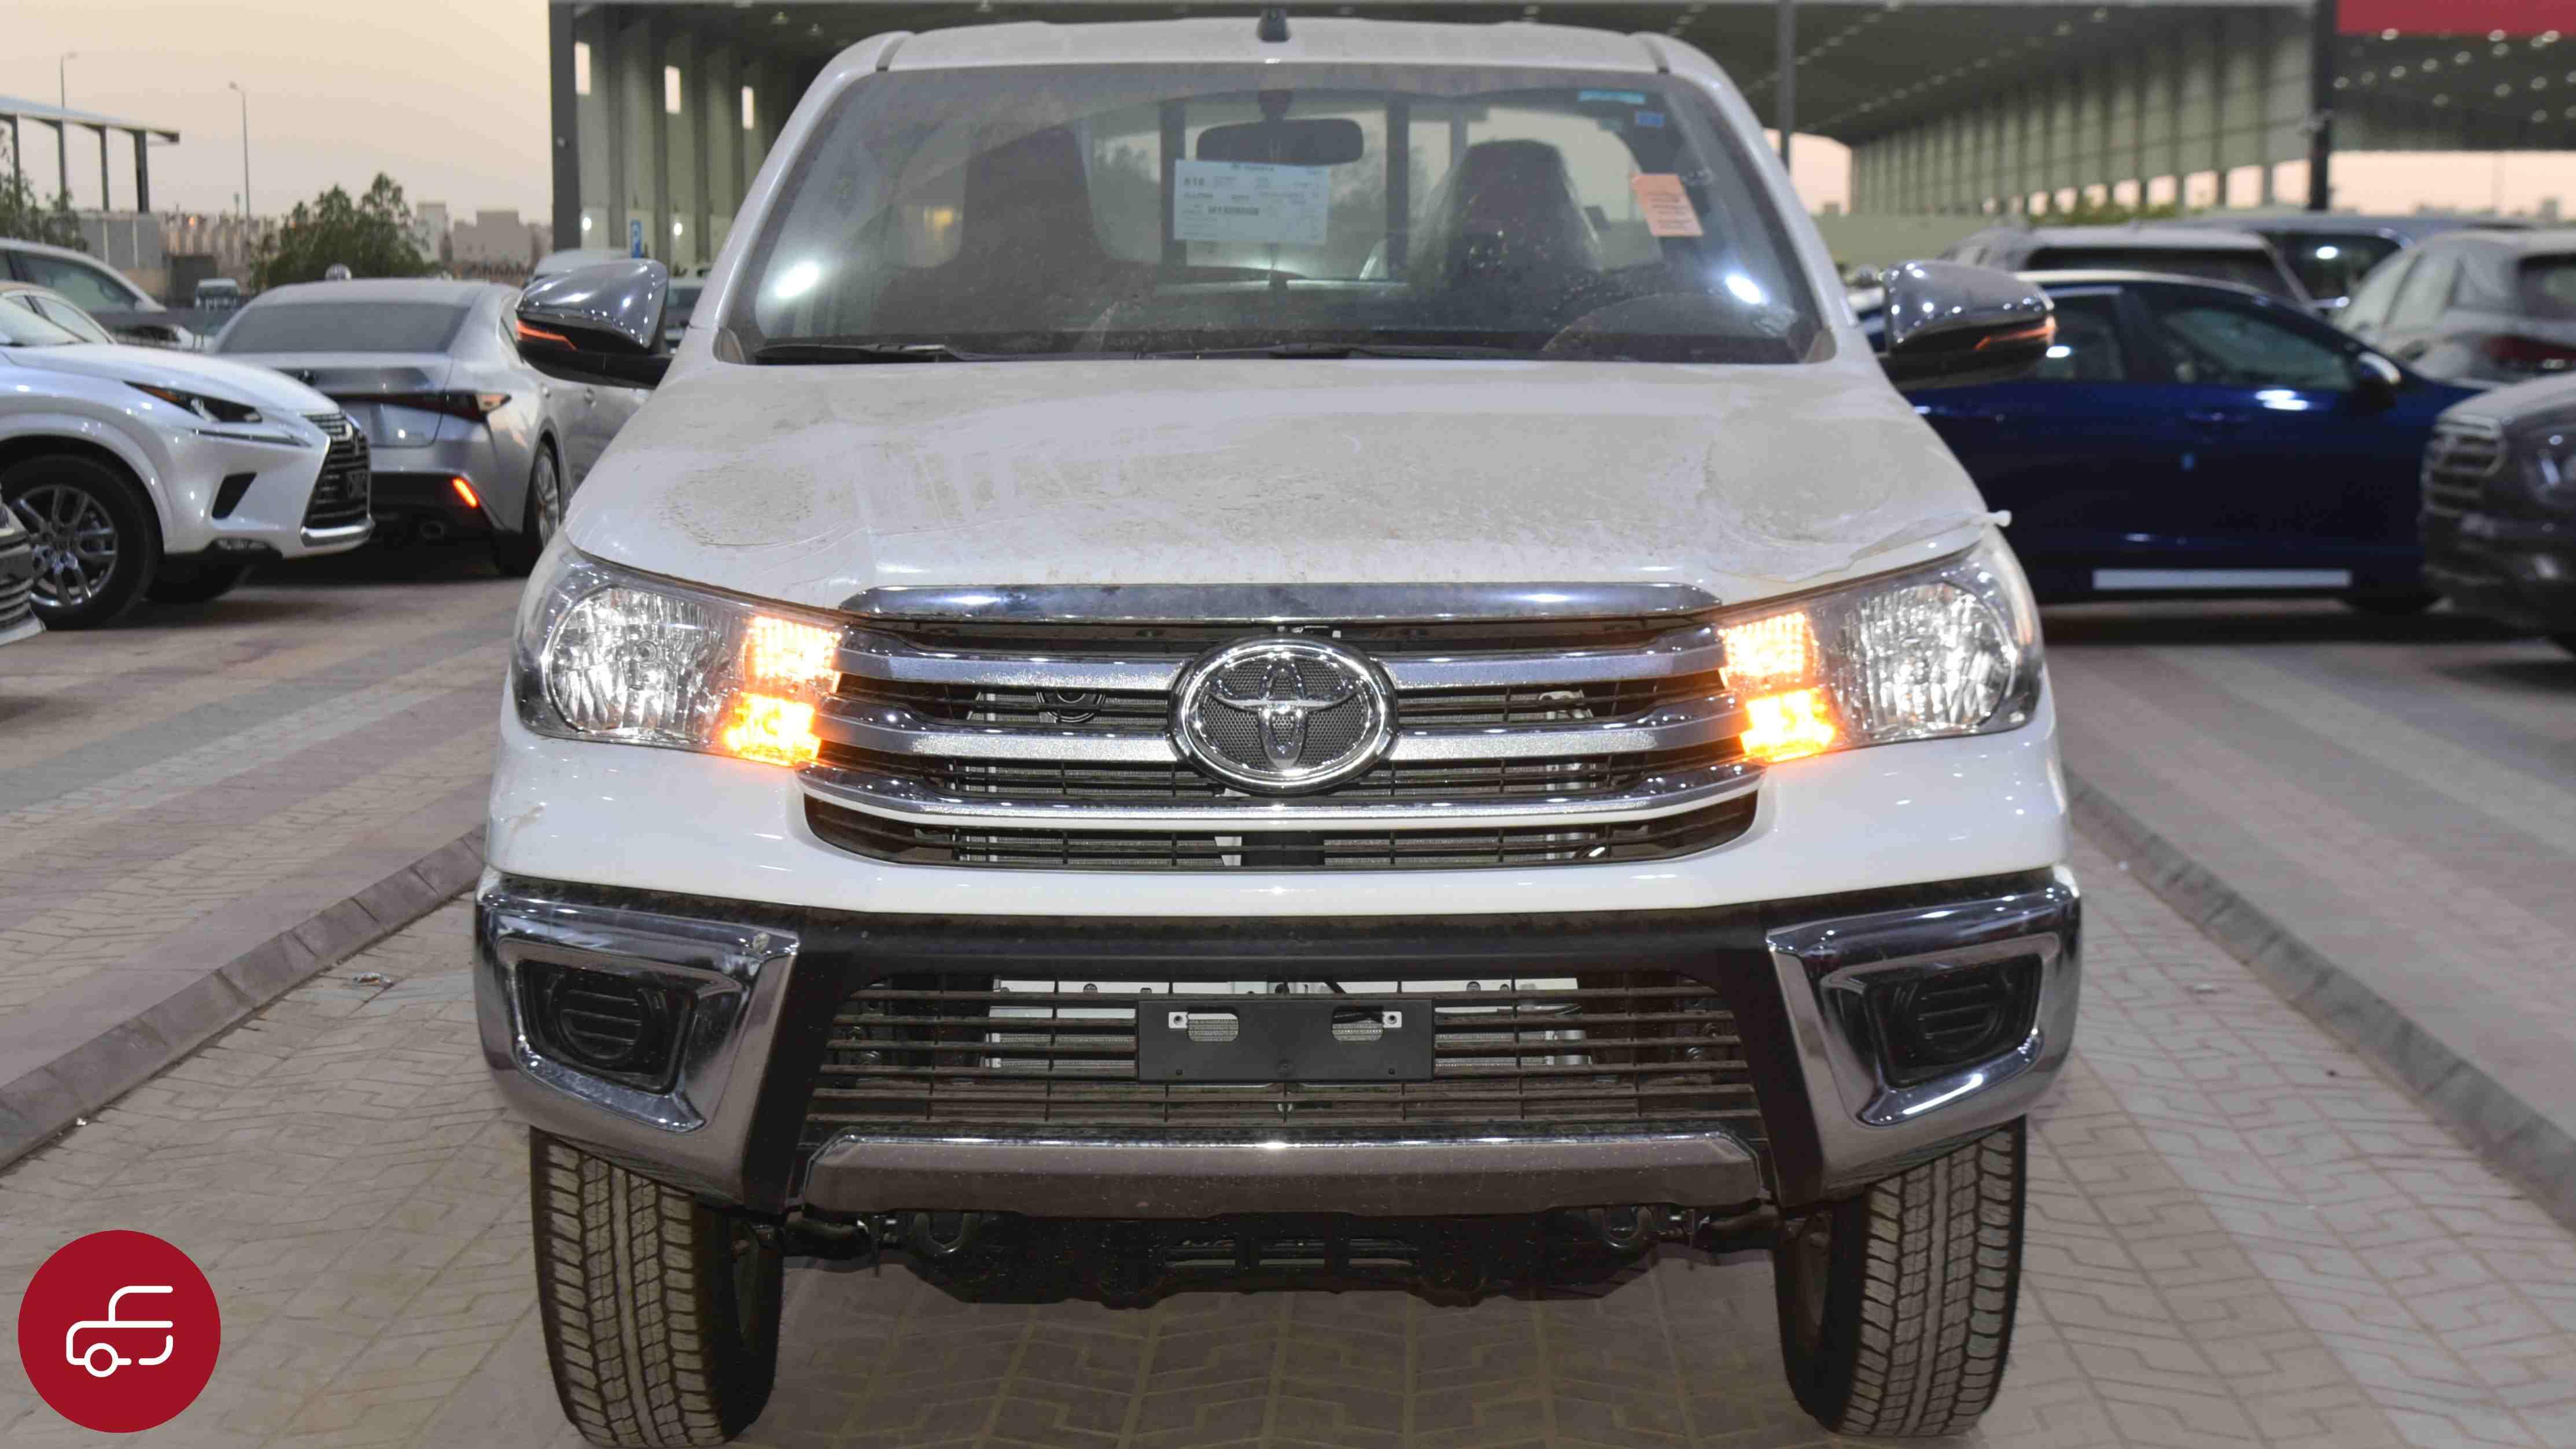 تويوتا هايلكس  2021  غمارة   GLX دبل  بنزين سعودي جديد للبيع في الرياض - السعودية - صورة كبيرة - 2